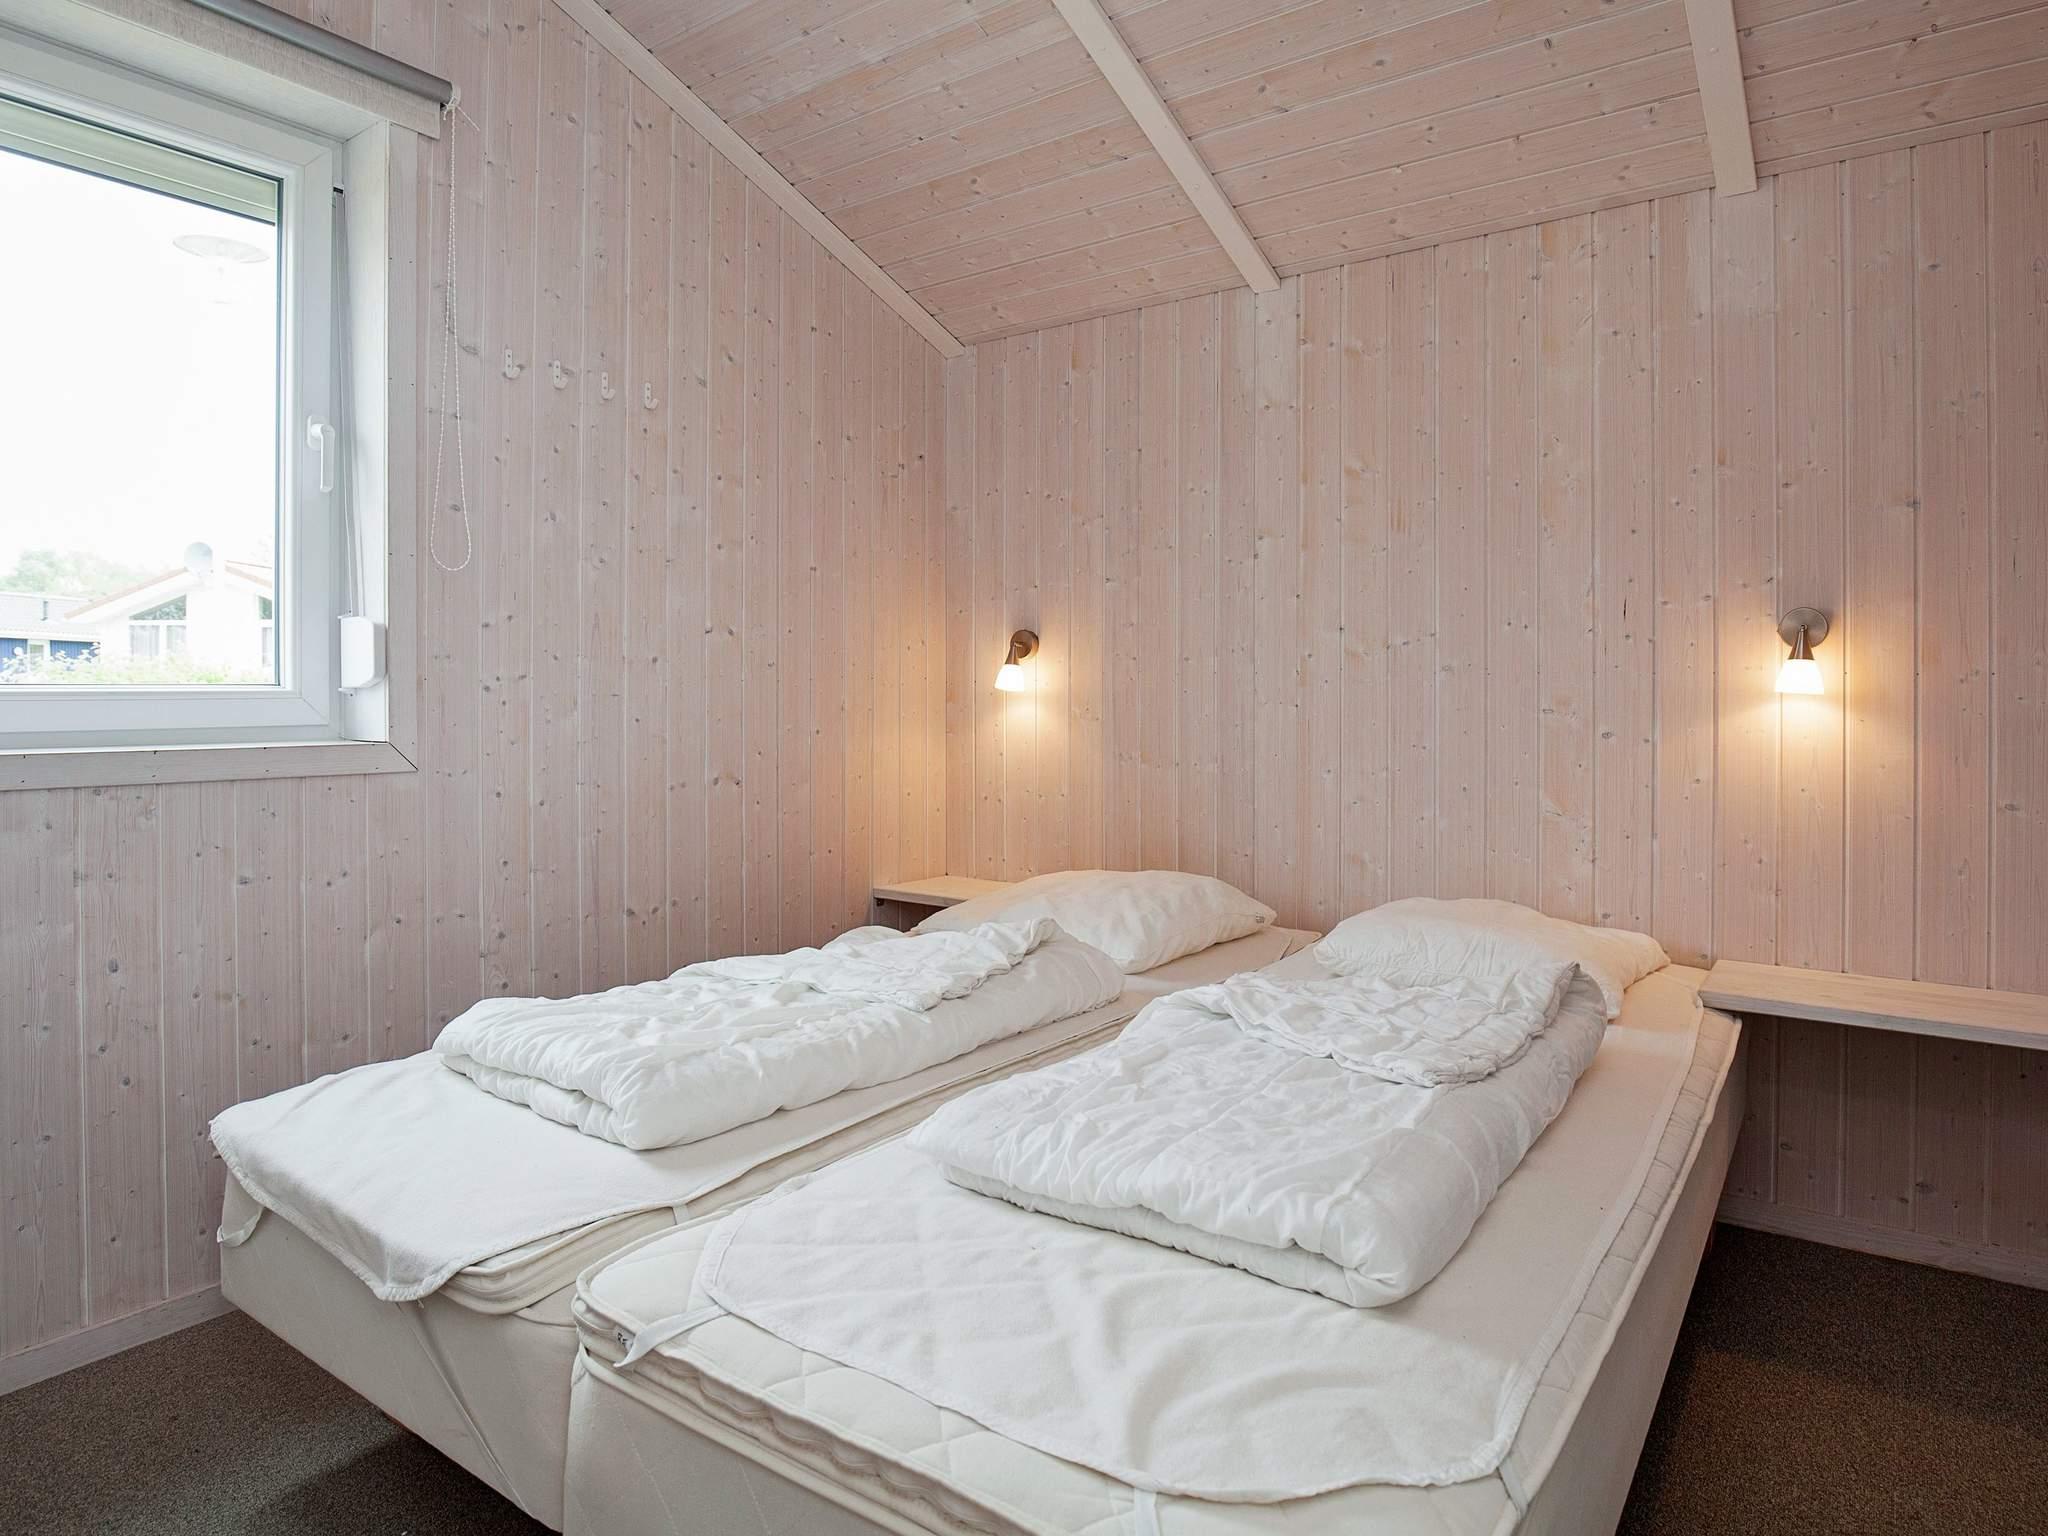 Maison de vacances Grömitz (359058), Grömitz, Baie de Lübeck, Schleswig-Holstein, Allemagne, image 11